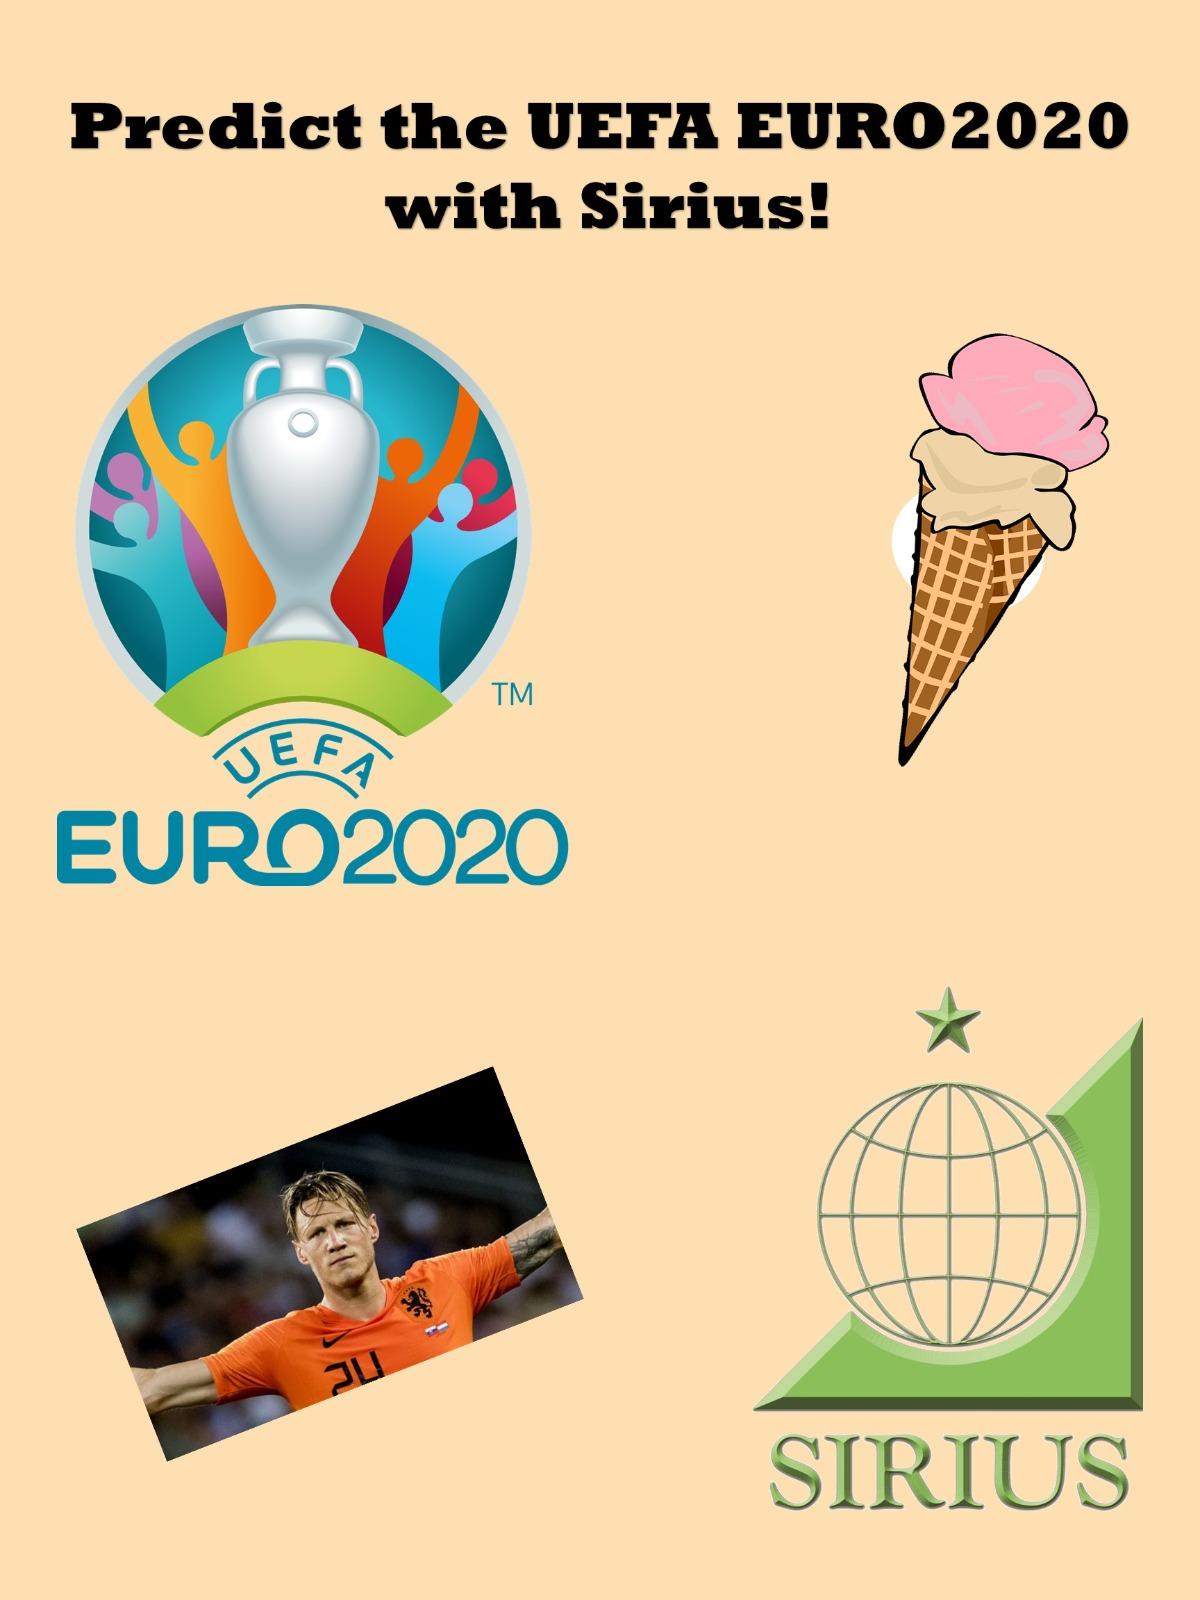 Predict the UEFA Euro 2020